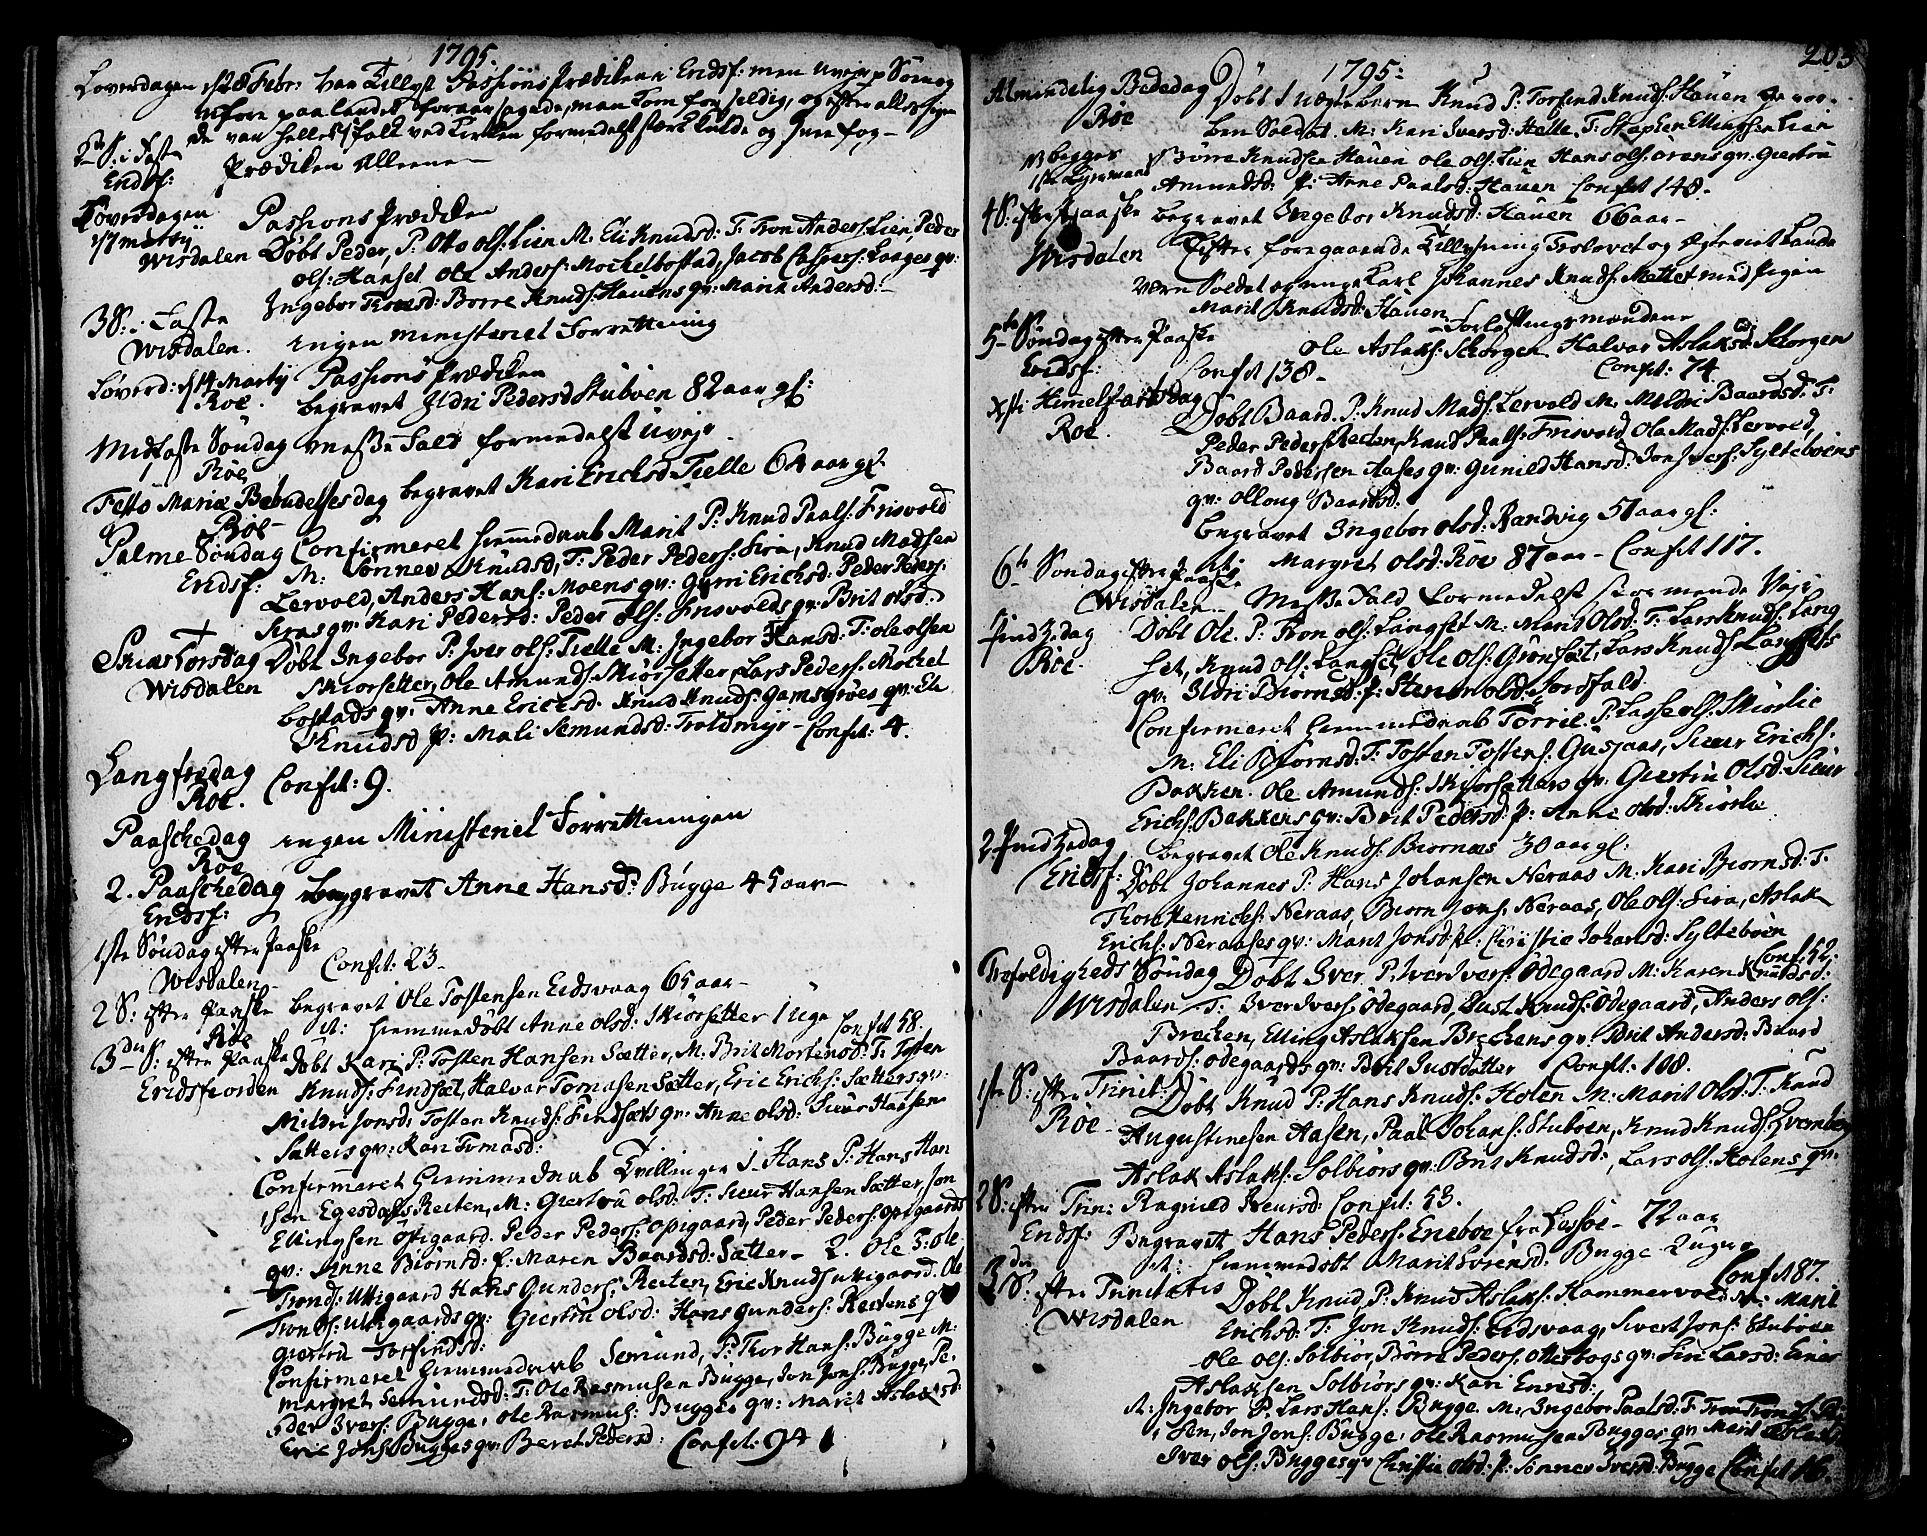 SAT, Ministerialprotokoller, klokkerbøker og fødselsregistre - Møre og Romsdal, 551/L0621: Ministerialbok nr. 551A01, 1757-1803, s. 203